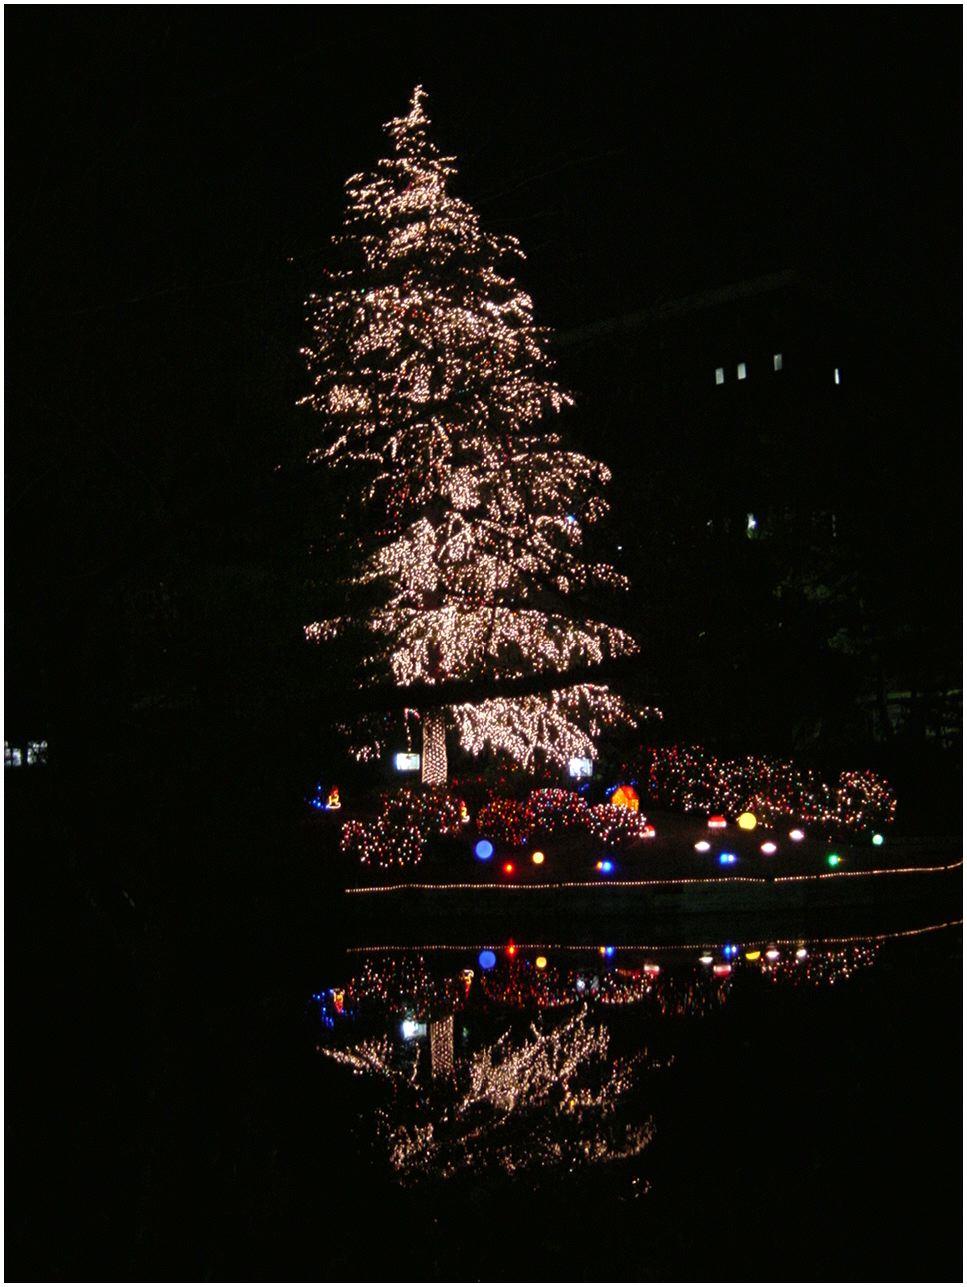 2004クリスマスツリー